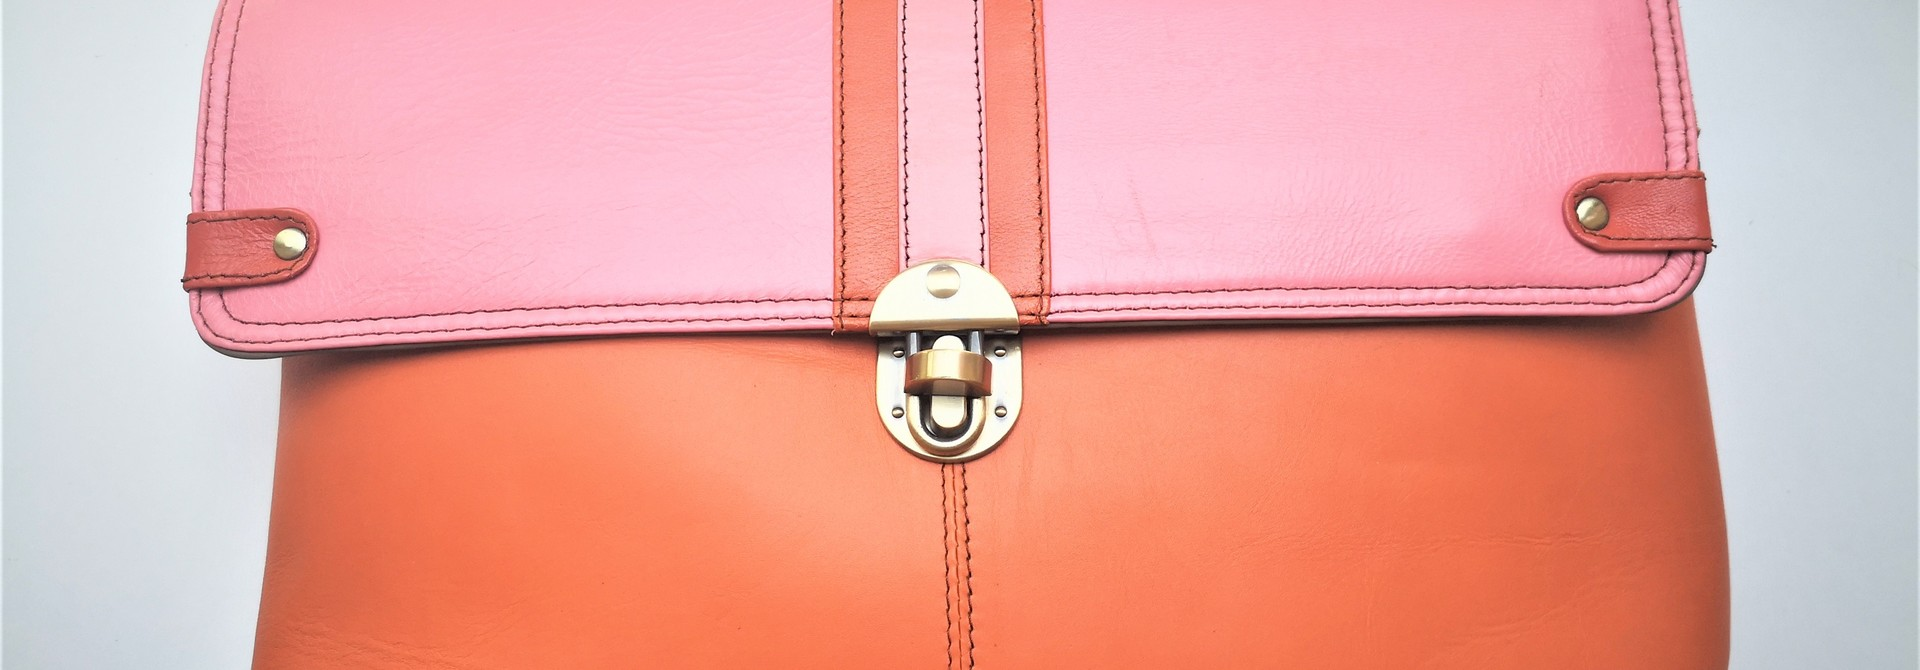 Gerecycleerde Handtas - Orleans Leather Bag Roos/Oranje